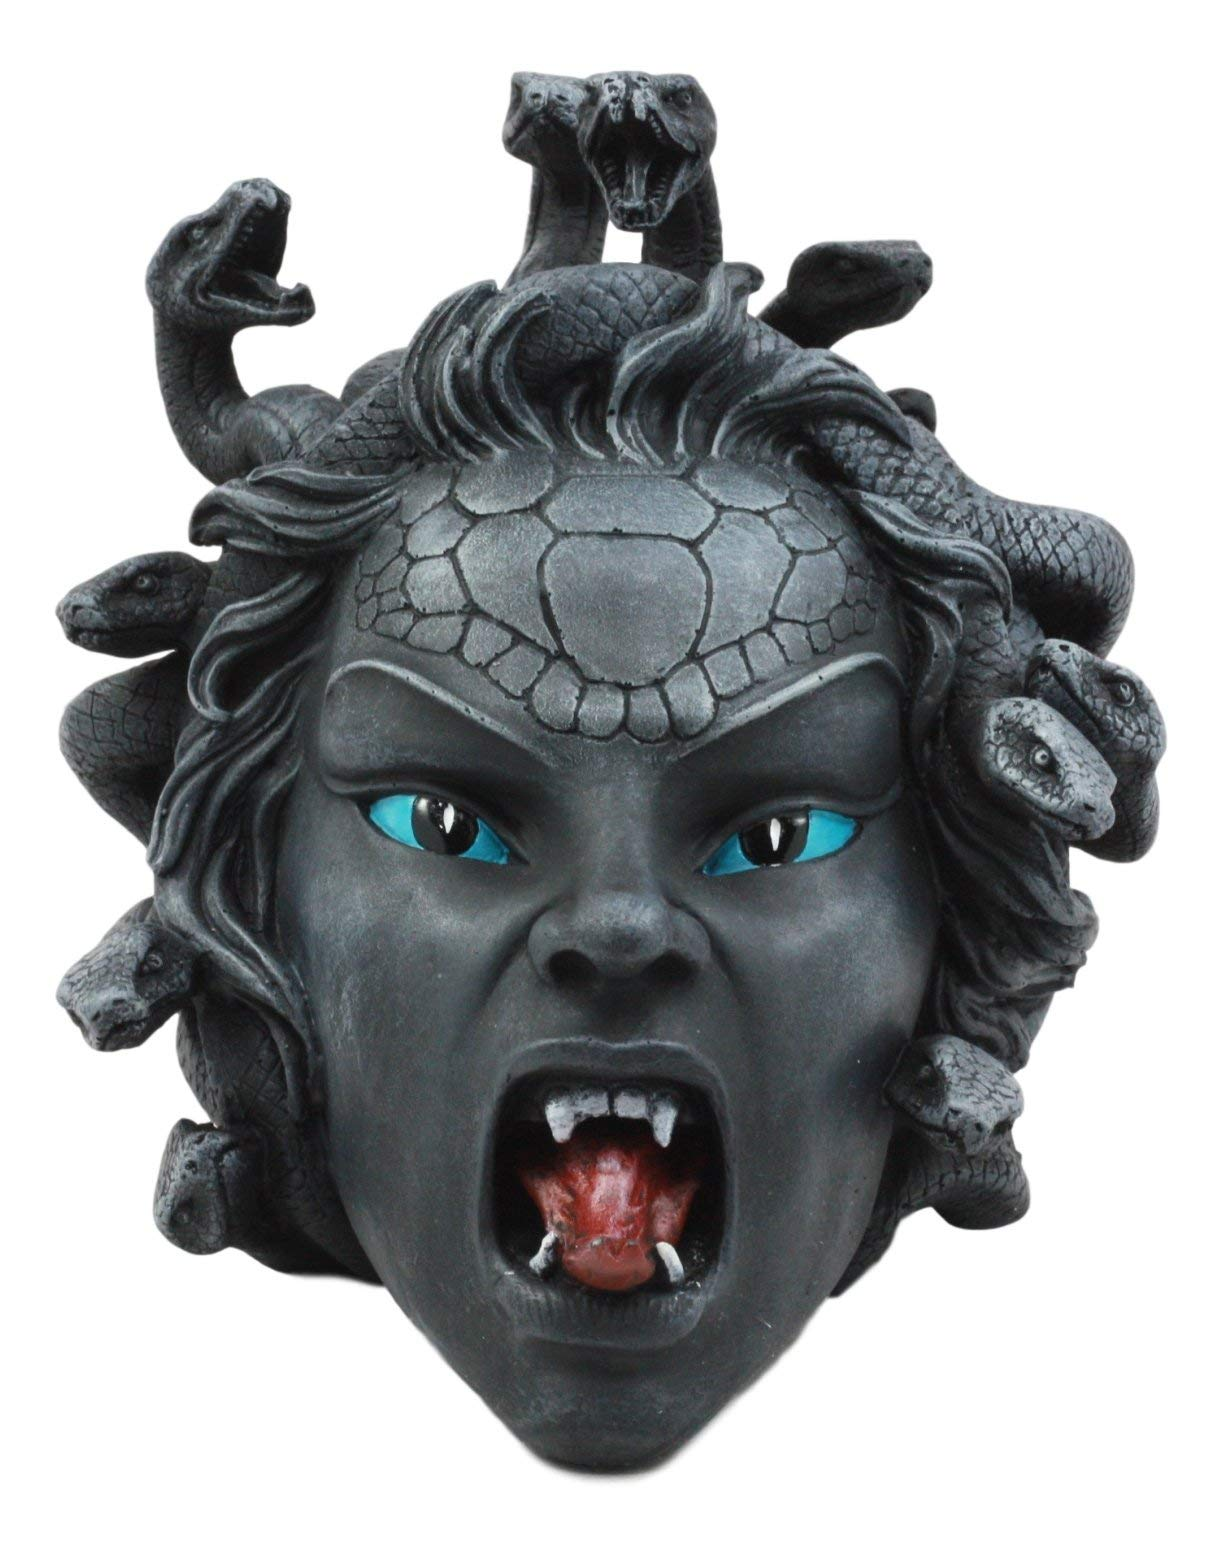 Ebros - Estatua de cabeza de medusa con maldición de Gorgon, mitología griega, 6.25 pulgadas de alto, gaza, serpiente, demonio, figura (encarnada): Amazon.es: Jardín